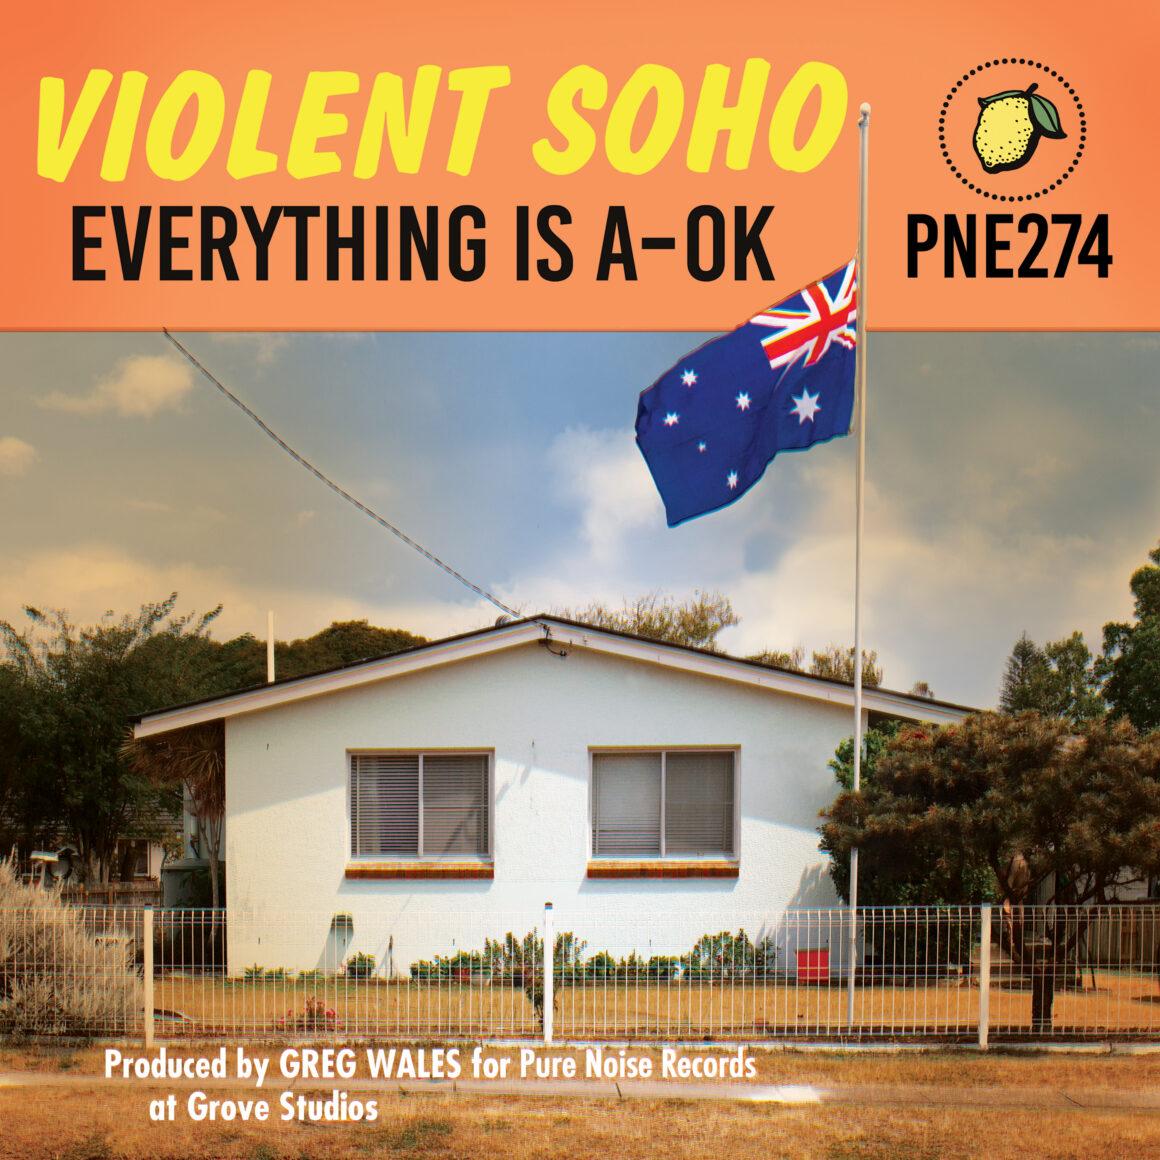 Violent Soho, album cover